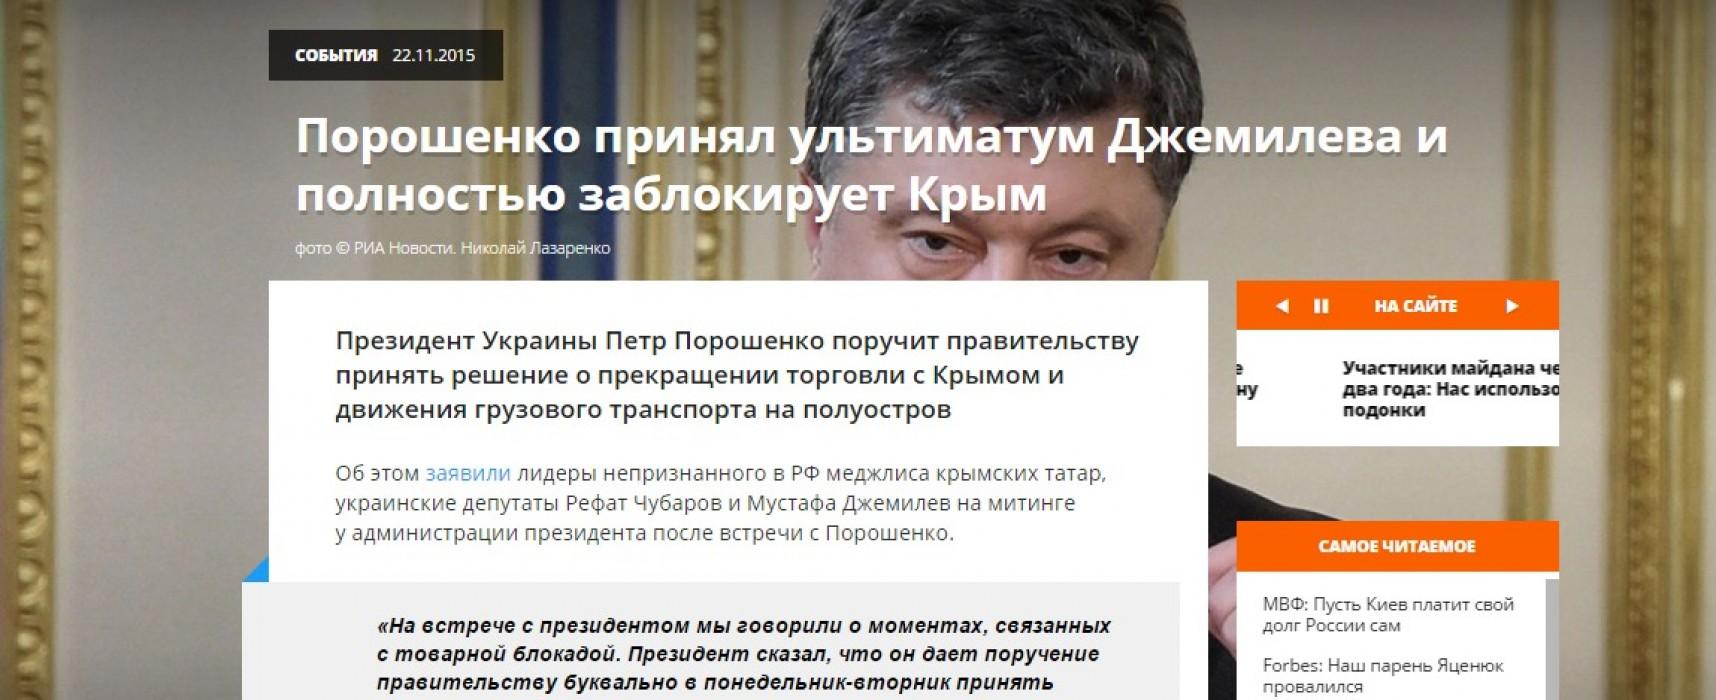 Фейк: Порошенко напълно ще блокира Крим